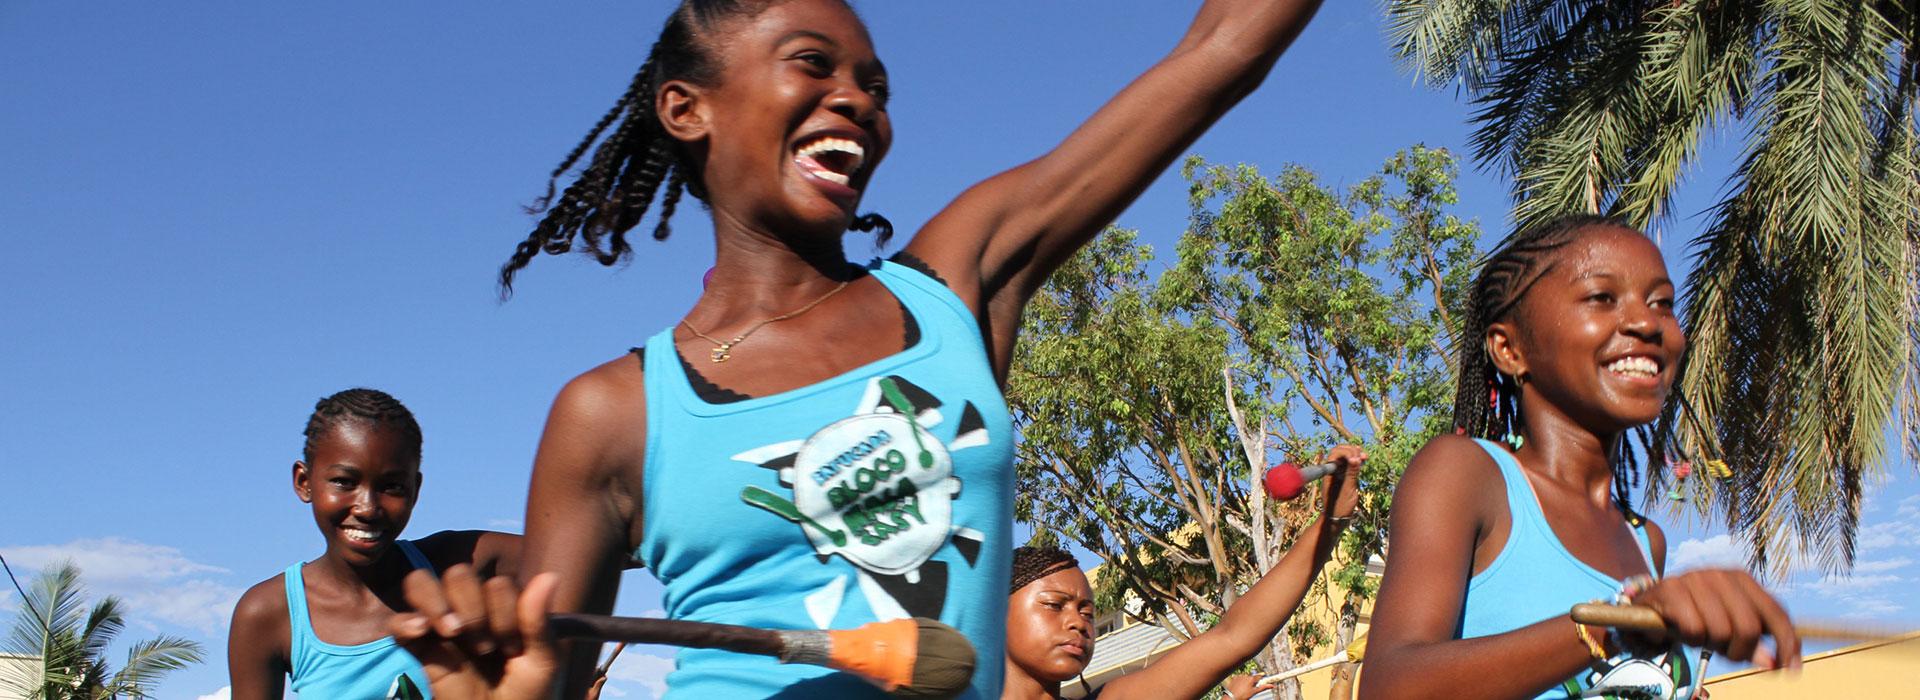 Development and strengthening of Bel Avenir Center for Art and Music - Madagascar